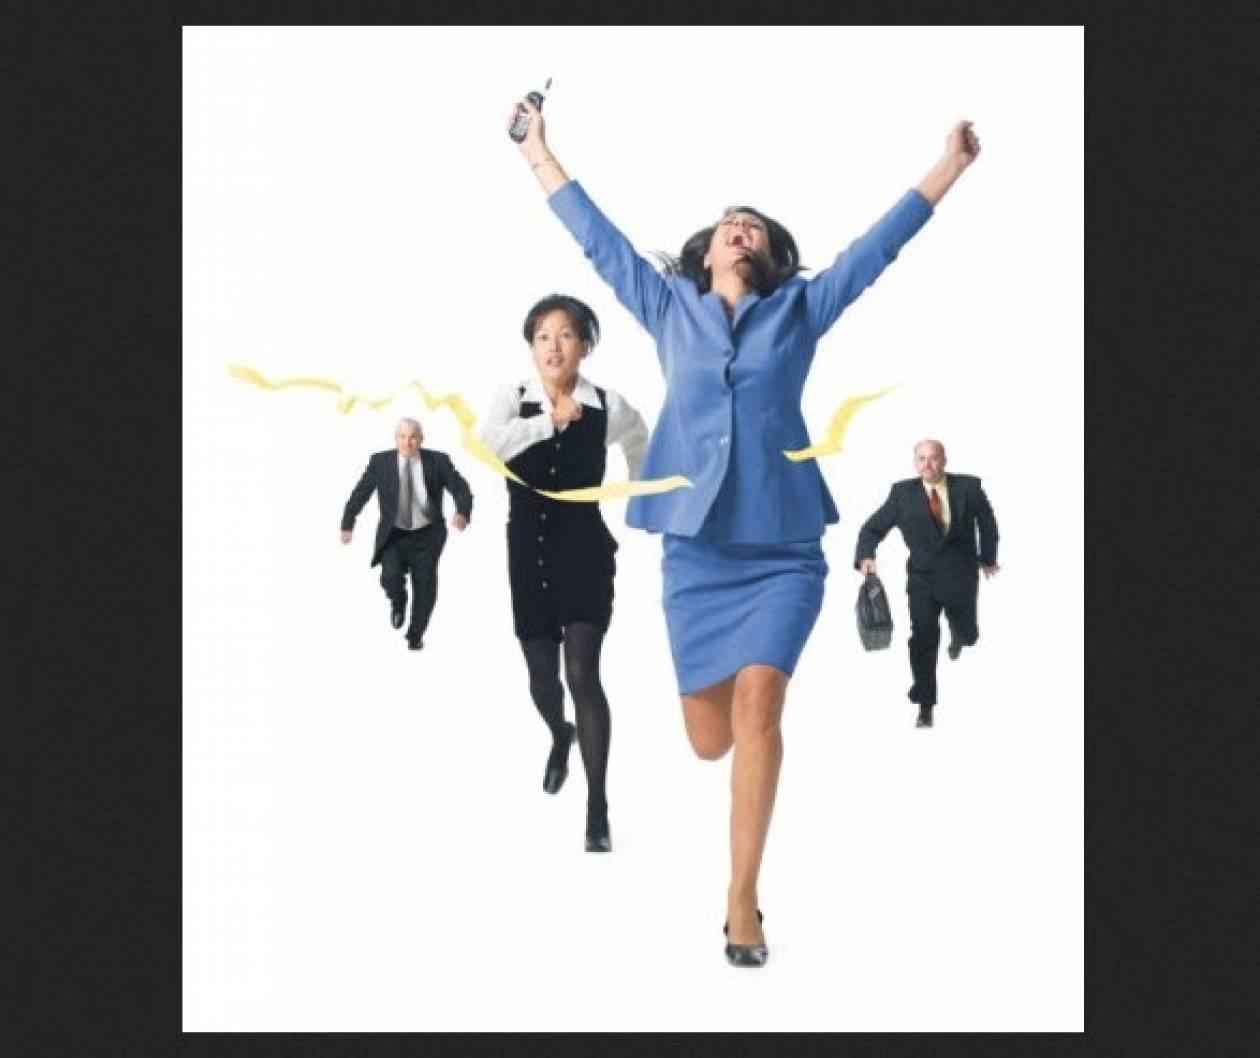 Τips για να αυξήσεις την επαγγελματική σου απόδοση